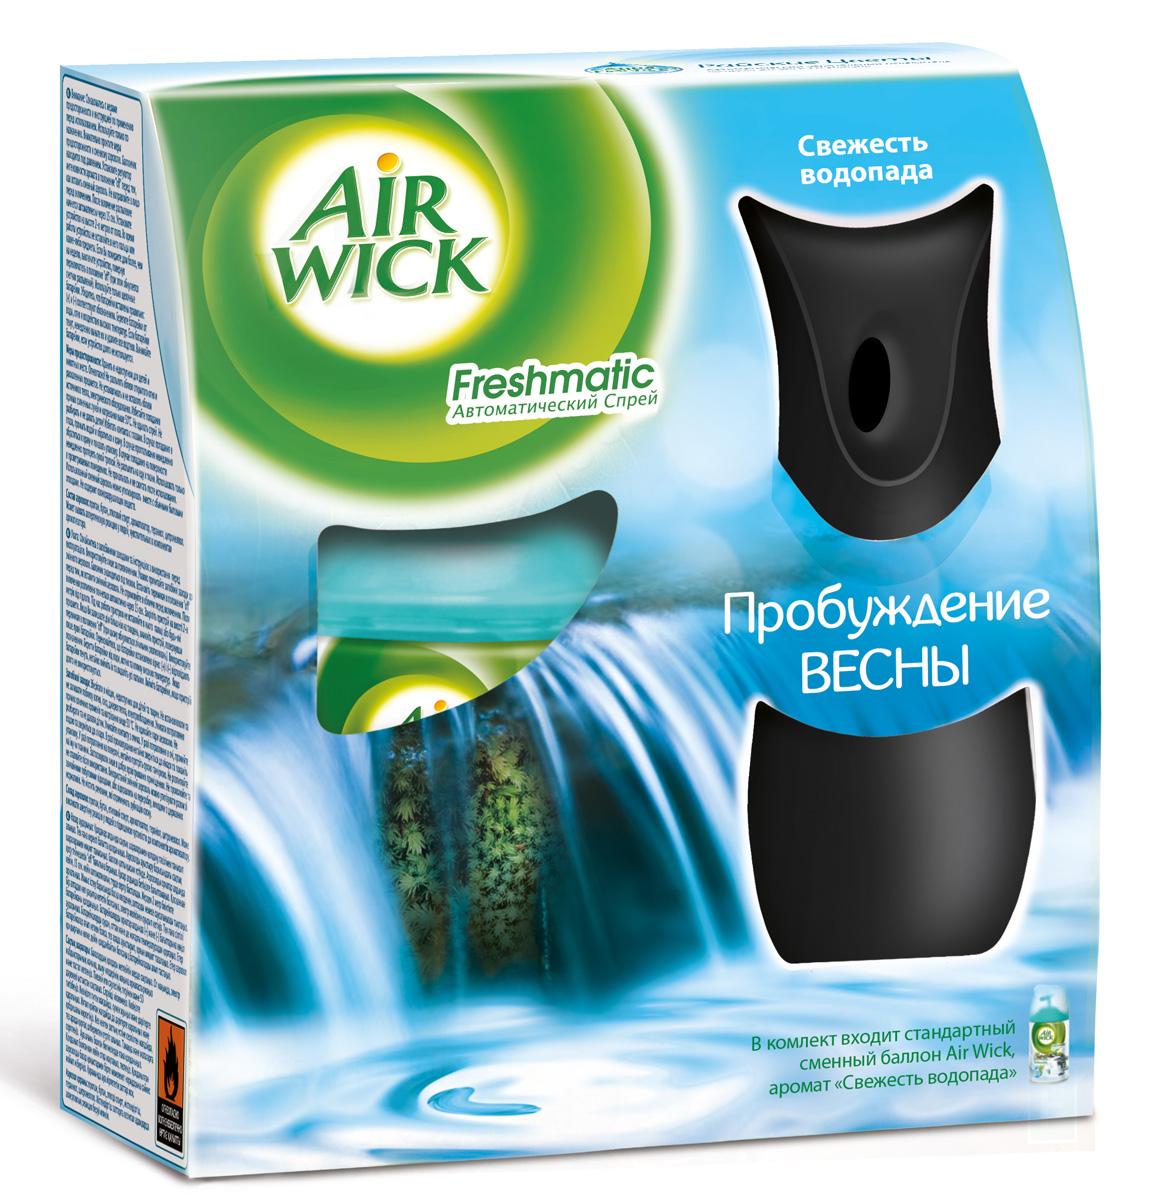 Автоматический освежитель воздуха AirWick